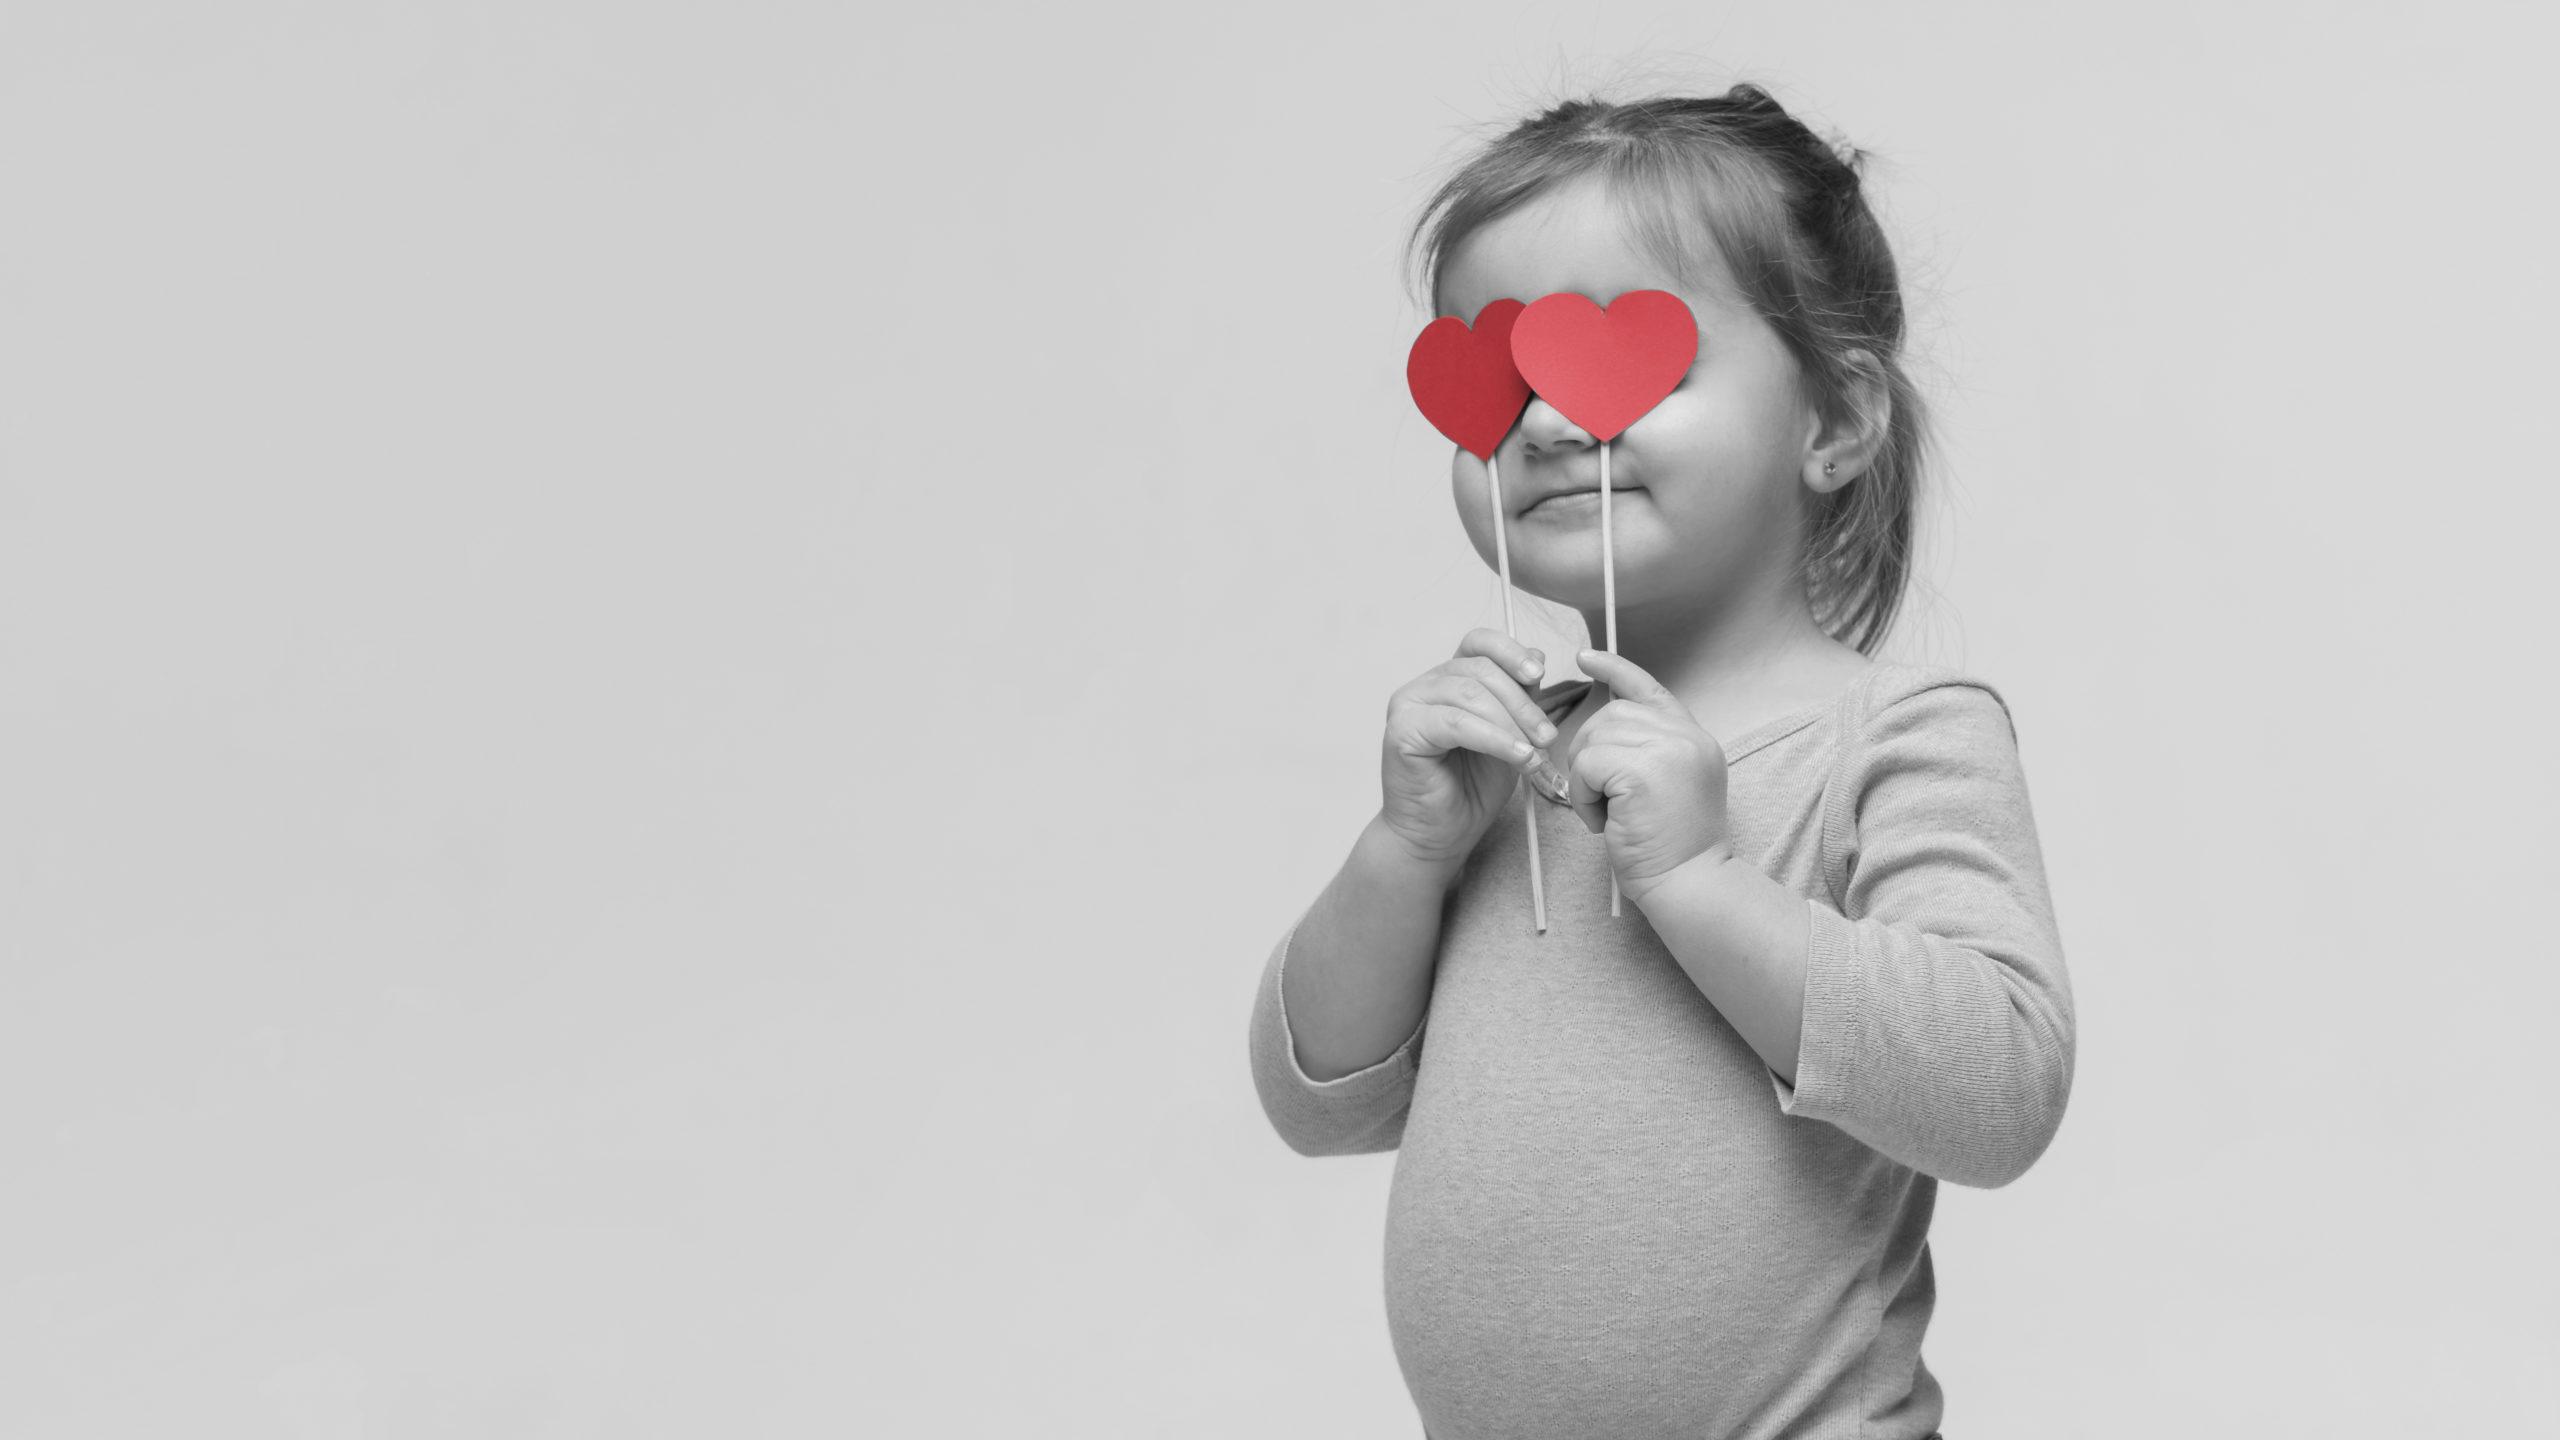 משחק ופיתוח מושגים אצל תינוקות וילדים לקויי ראיה